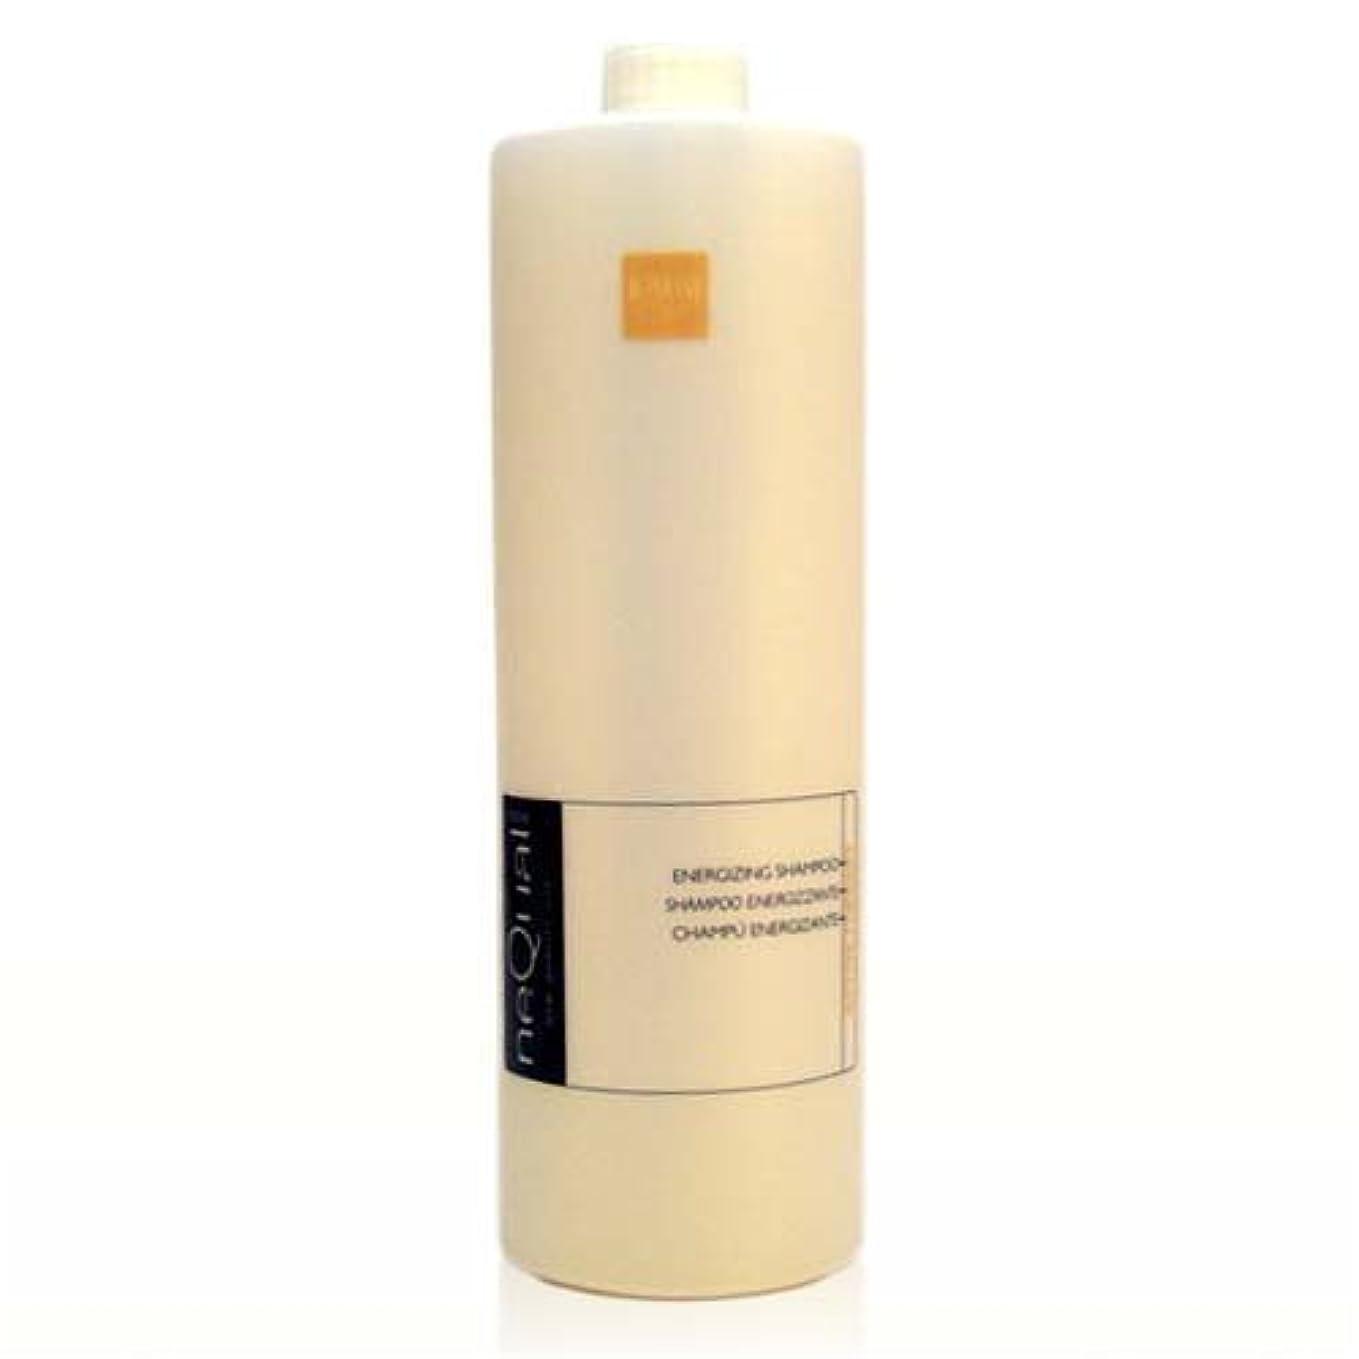 頭書く太字Body Care / Beauty Care Alter EGO Energizing / Prevention Shampoo for Hair Loss & Growth 1000ml Bodycare / BeautyCare by Sponsei